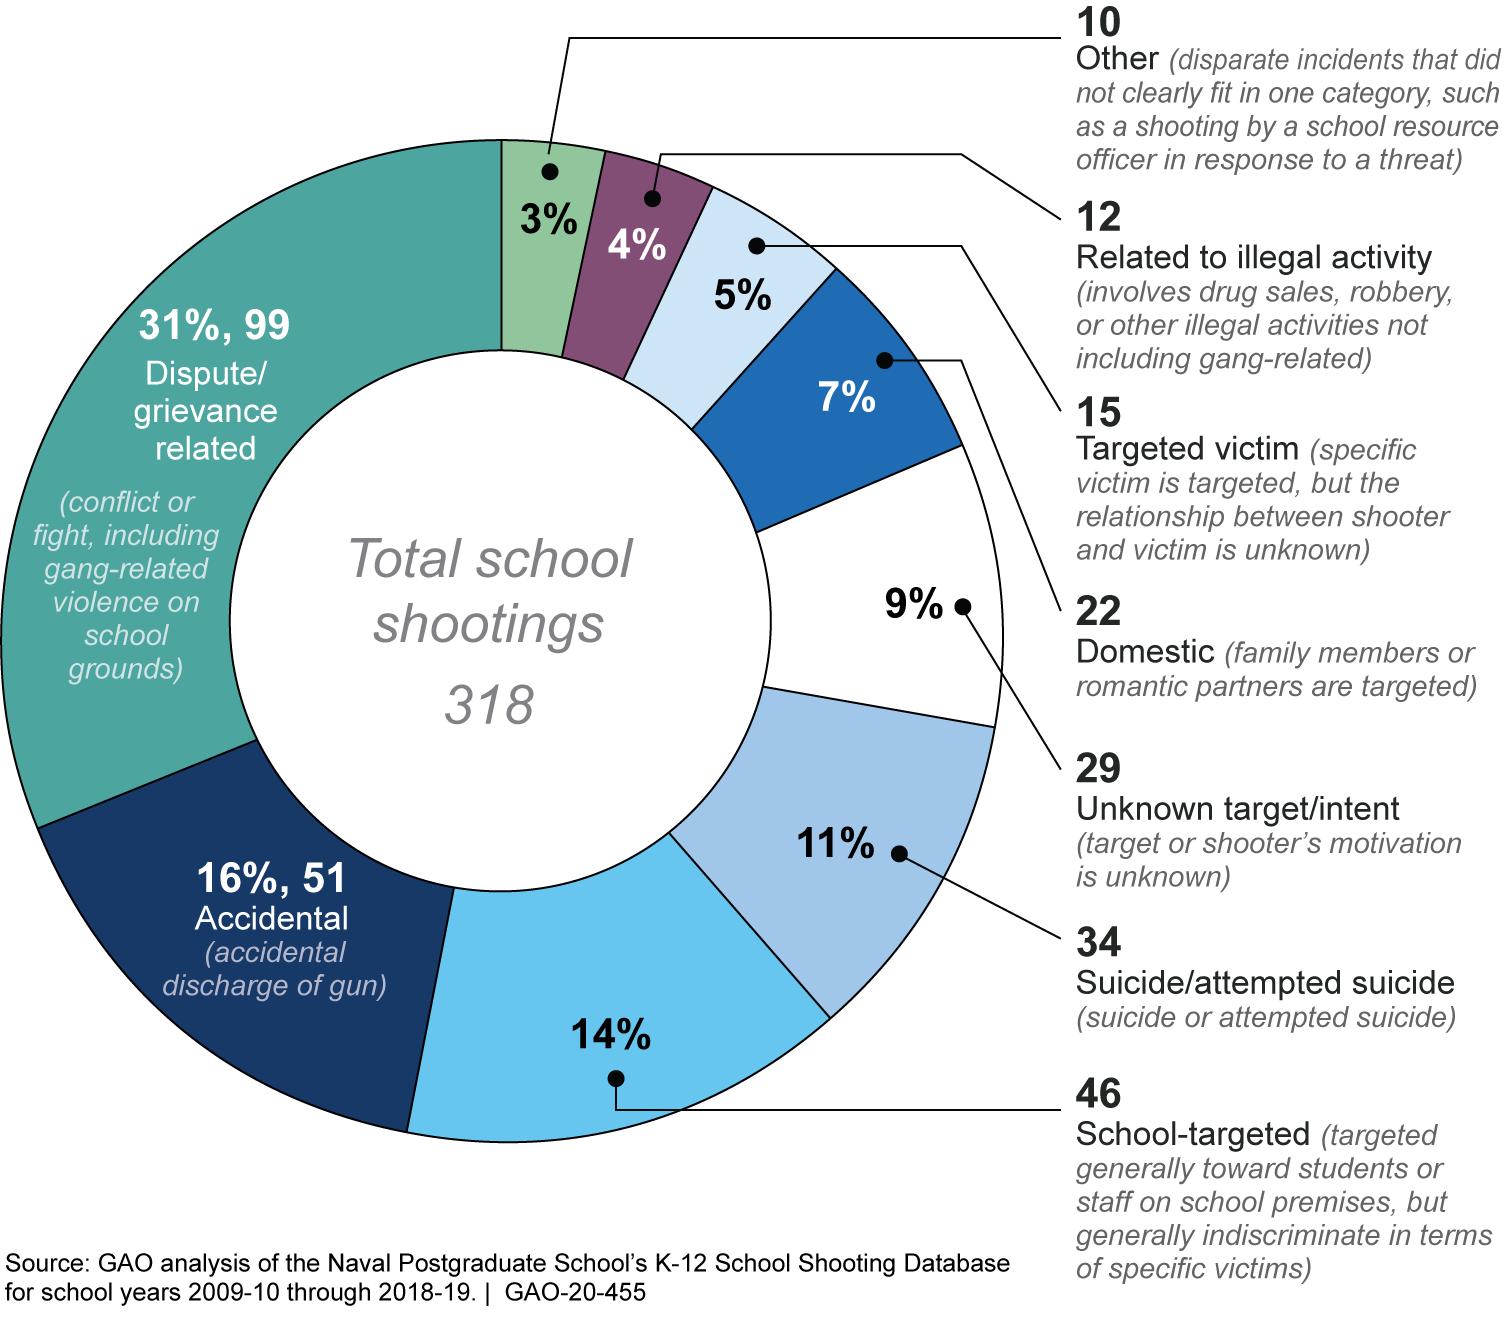 K-12 School Shootings by Kind, School Years 2009-10 through 2018-19